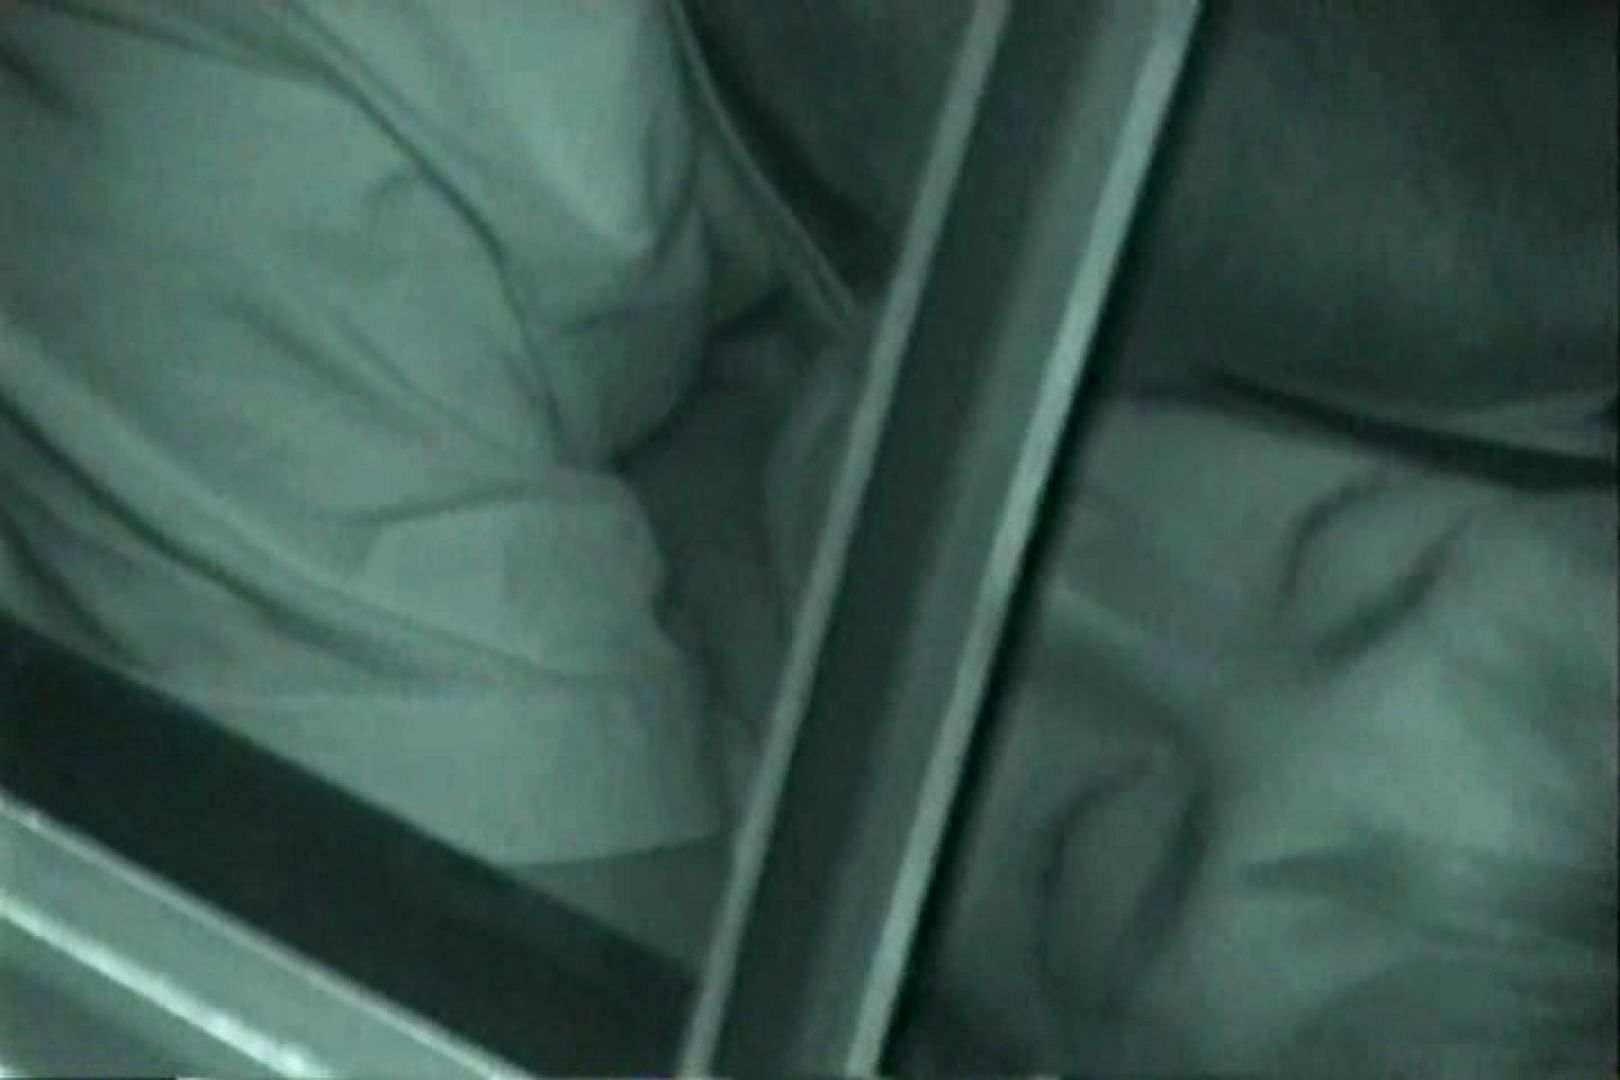 充血監督の深夜の運動会Vol.128 手マン 盗撮AV動画キャプチャ 85画像 10